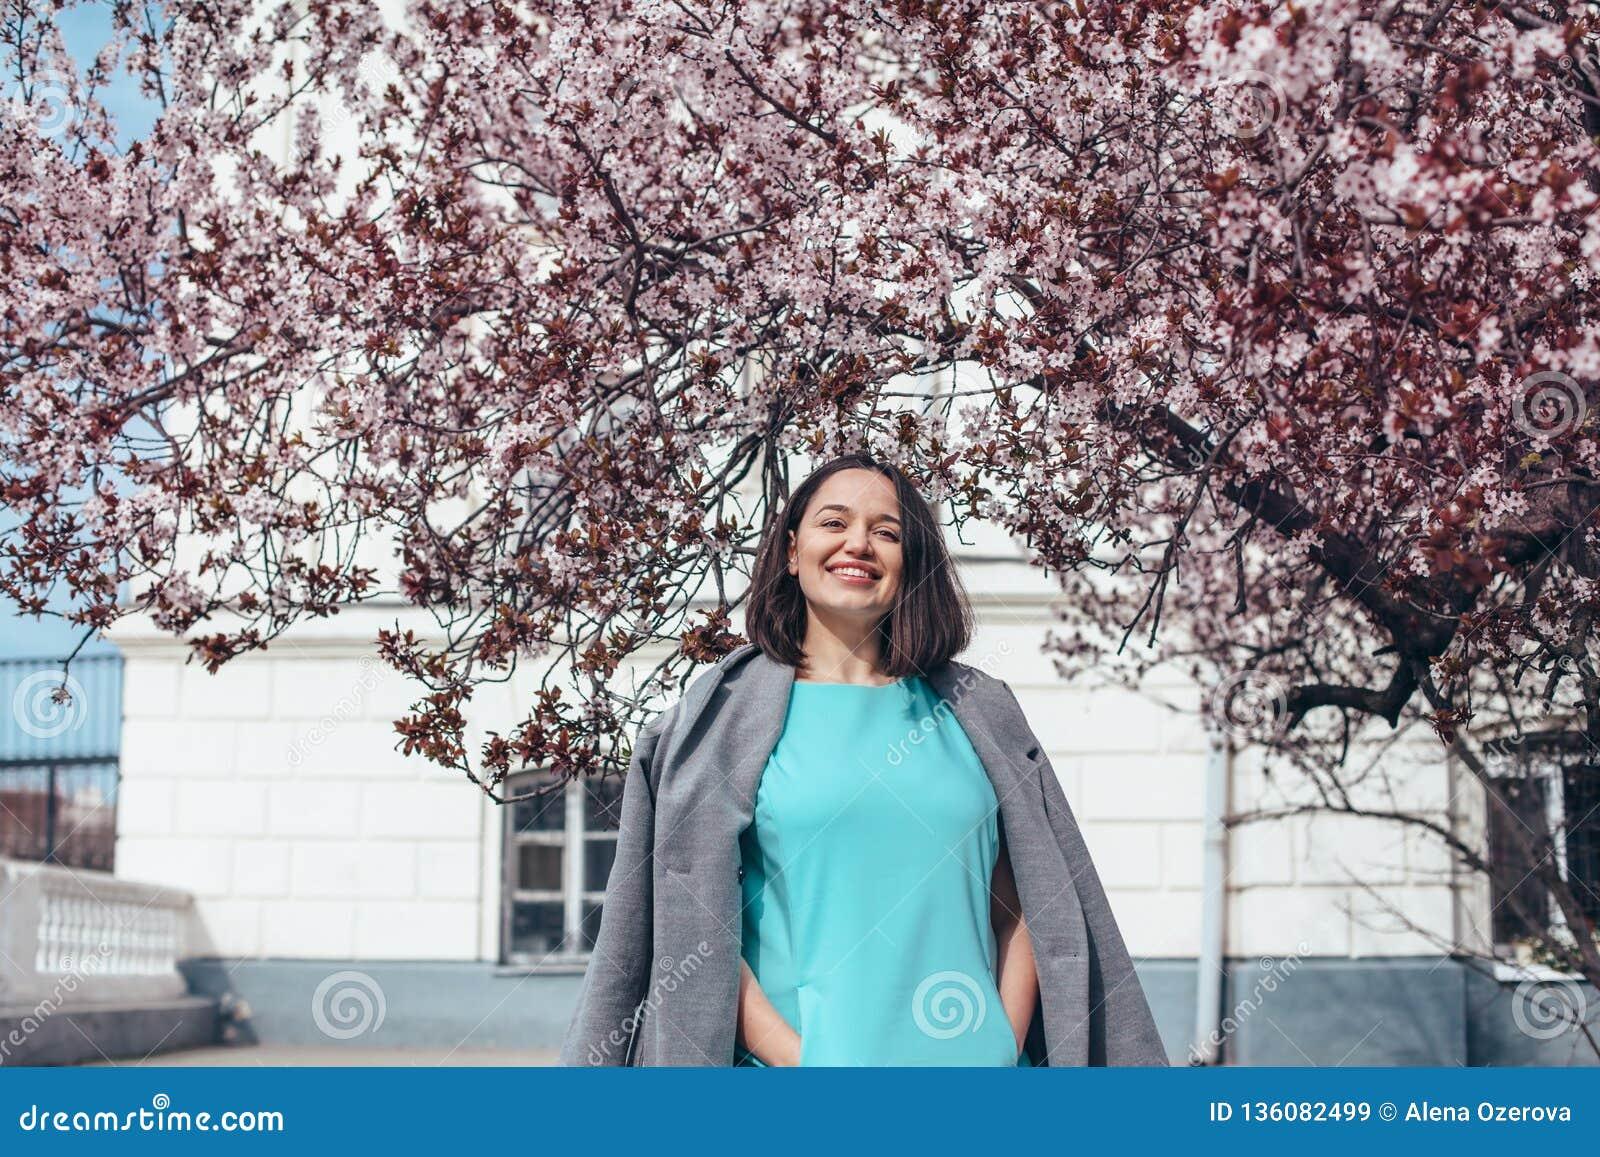 Όμορφο πρότυπο στο μπλε φόρεμα και γκρίζο παλτό από το ανθίζοντας δέντρο άνοιξη